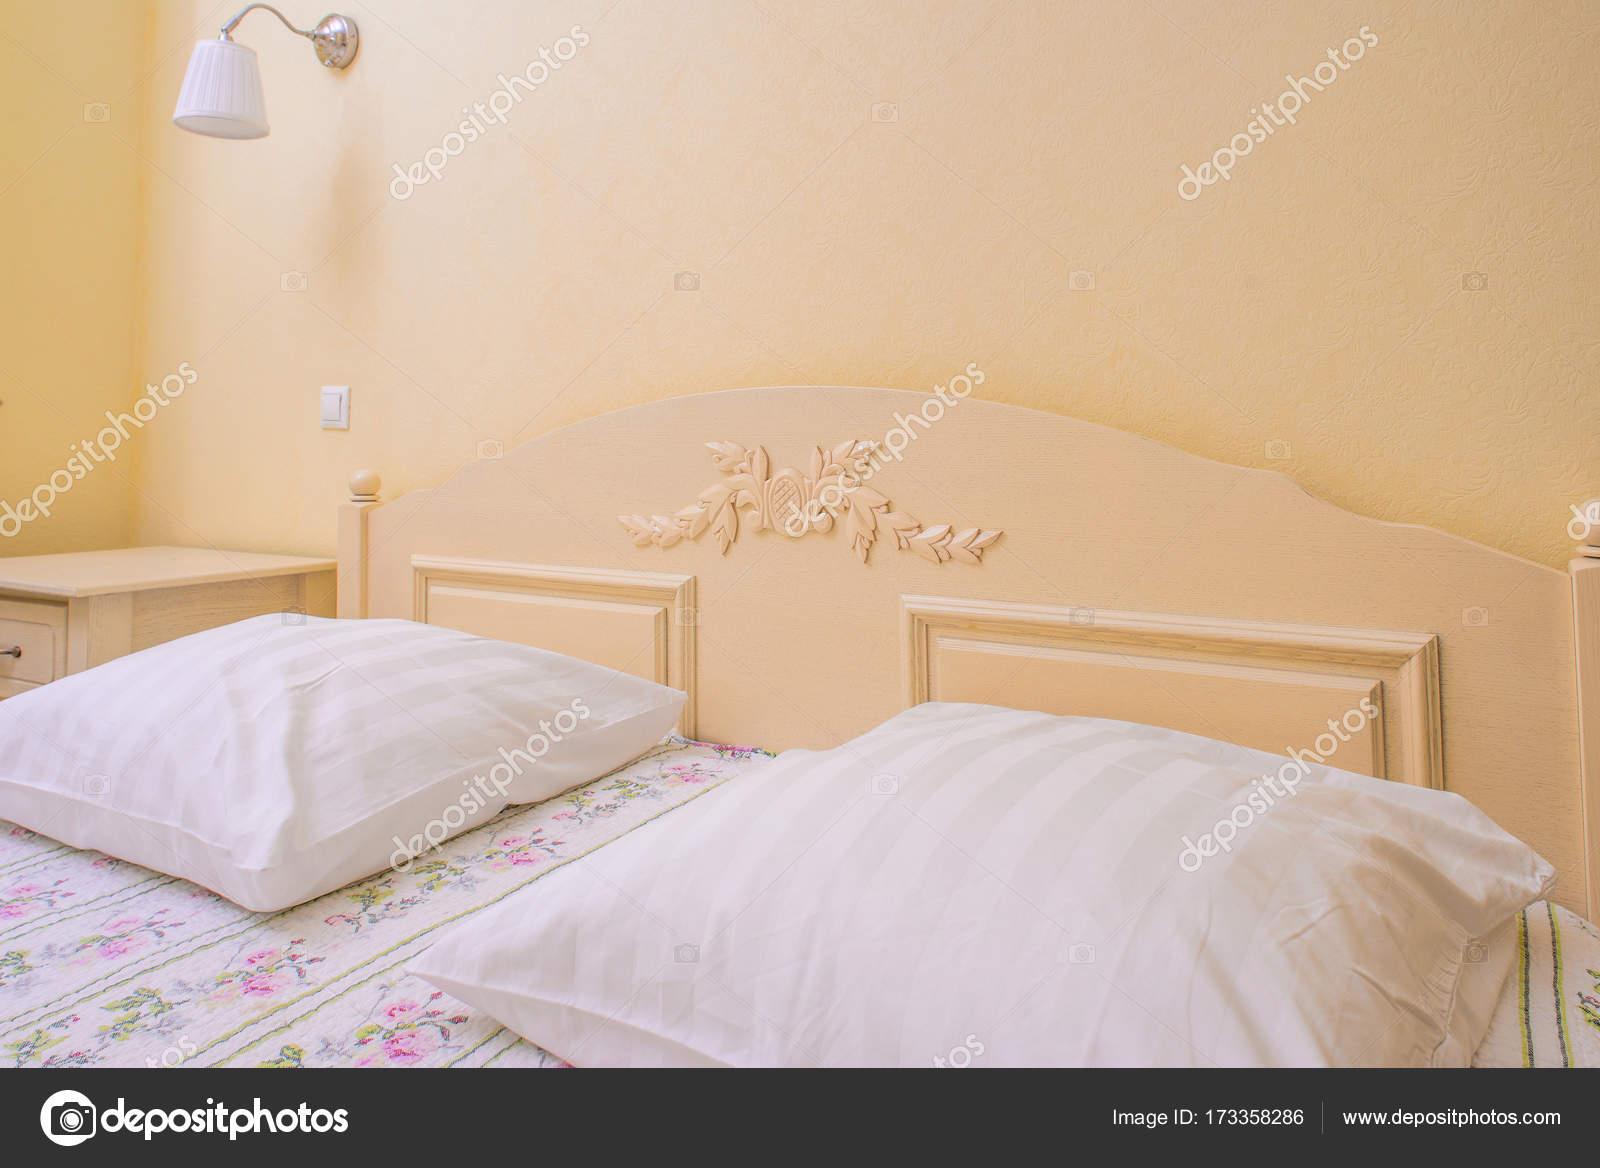 interno camera da letto gialla — Foto Stock © ShmelevaNatalie #173358286